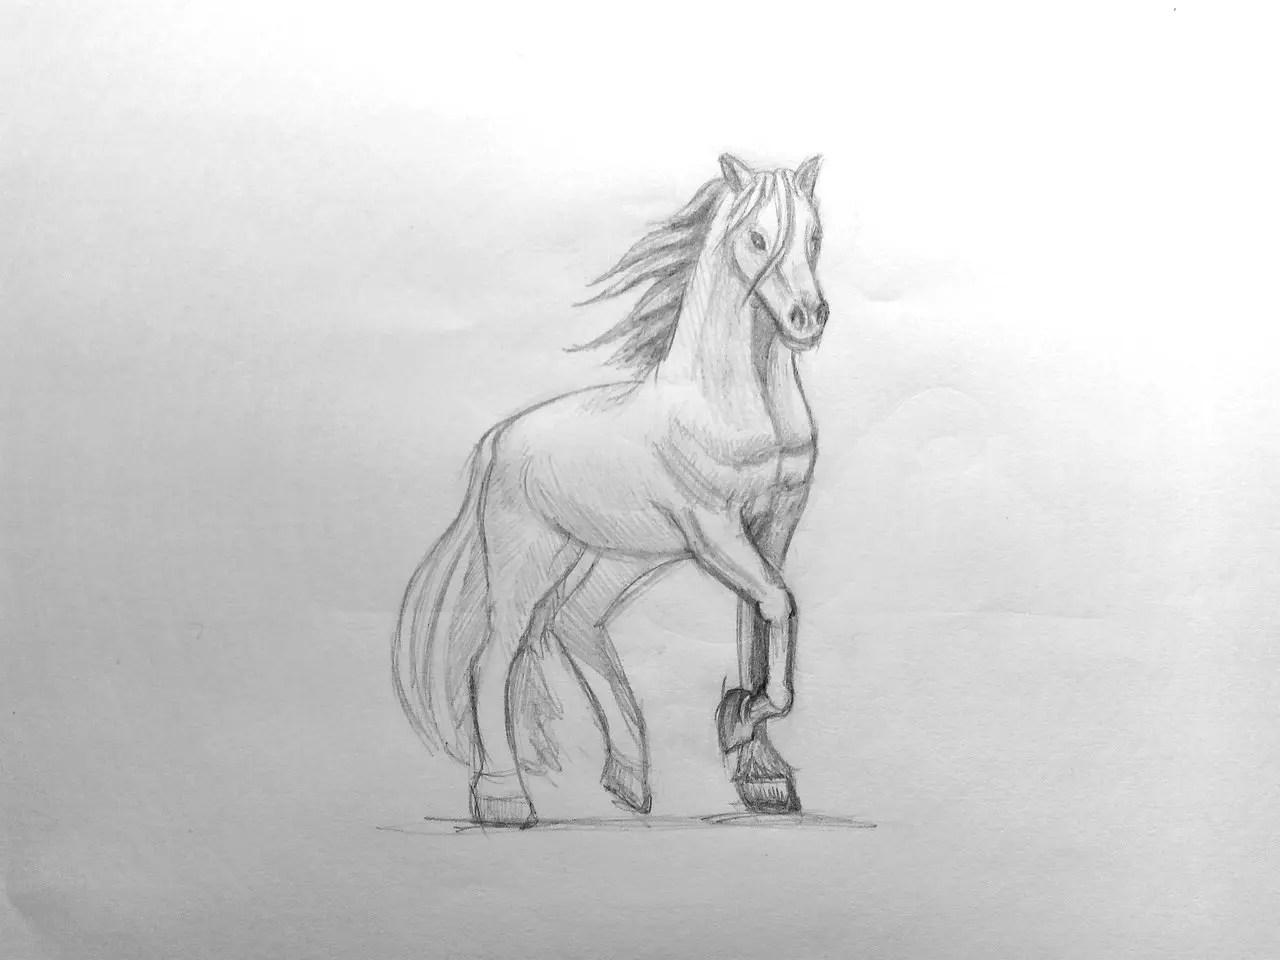 Как нарисовать лошадь карандашом? Поэтапный урок. Шаг 16. Портреты карандашом - Fenlin.ru